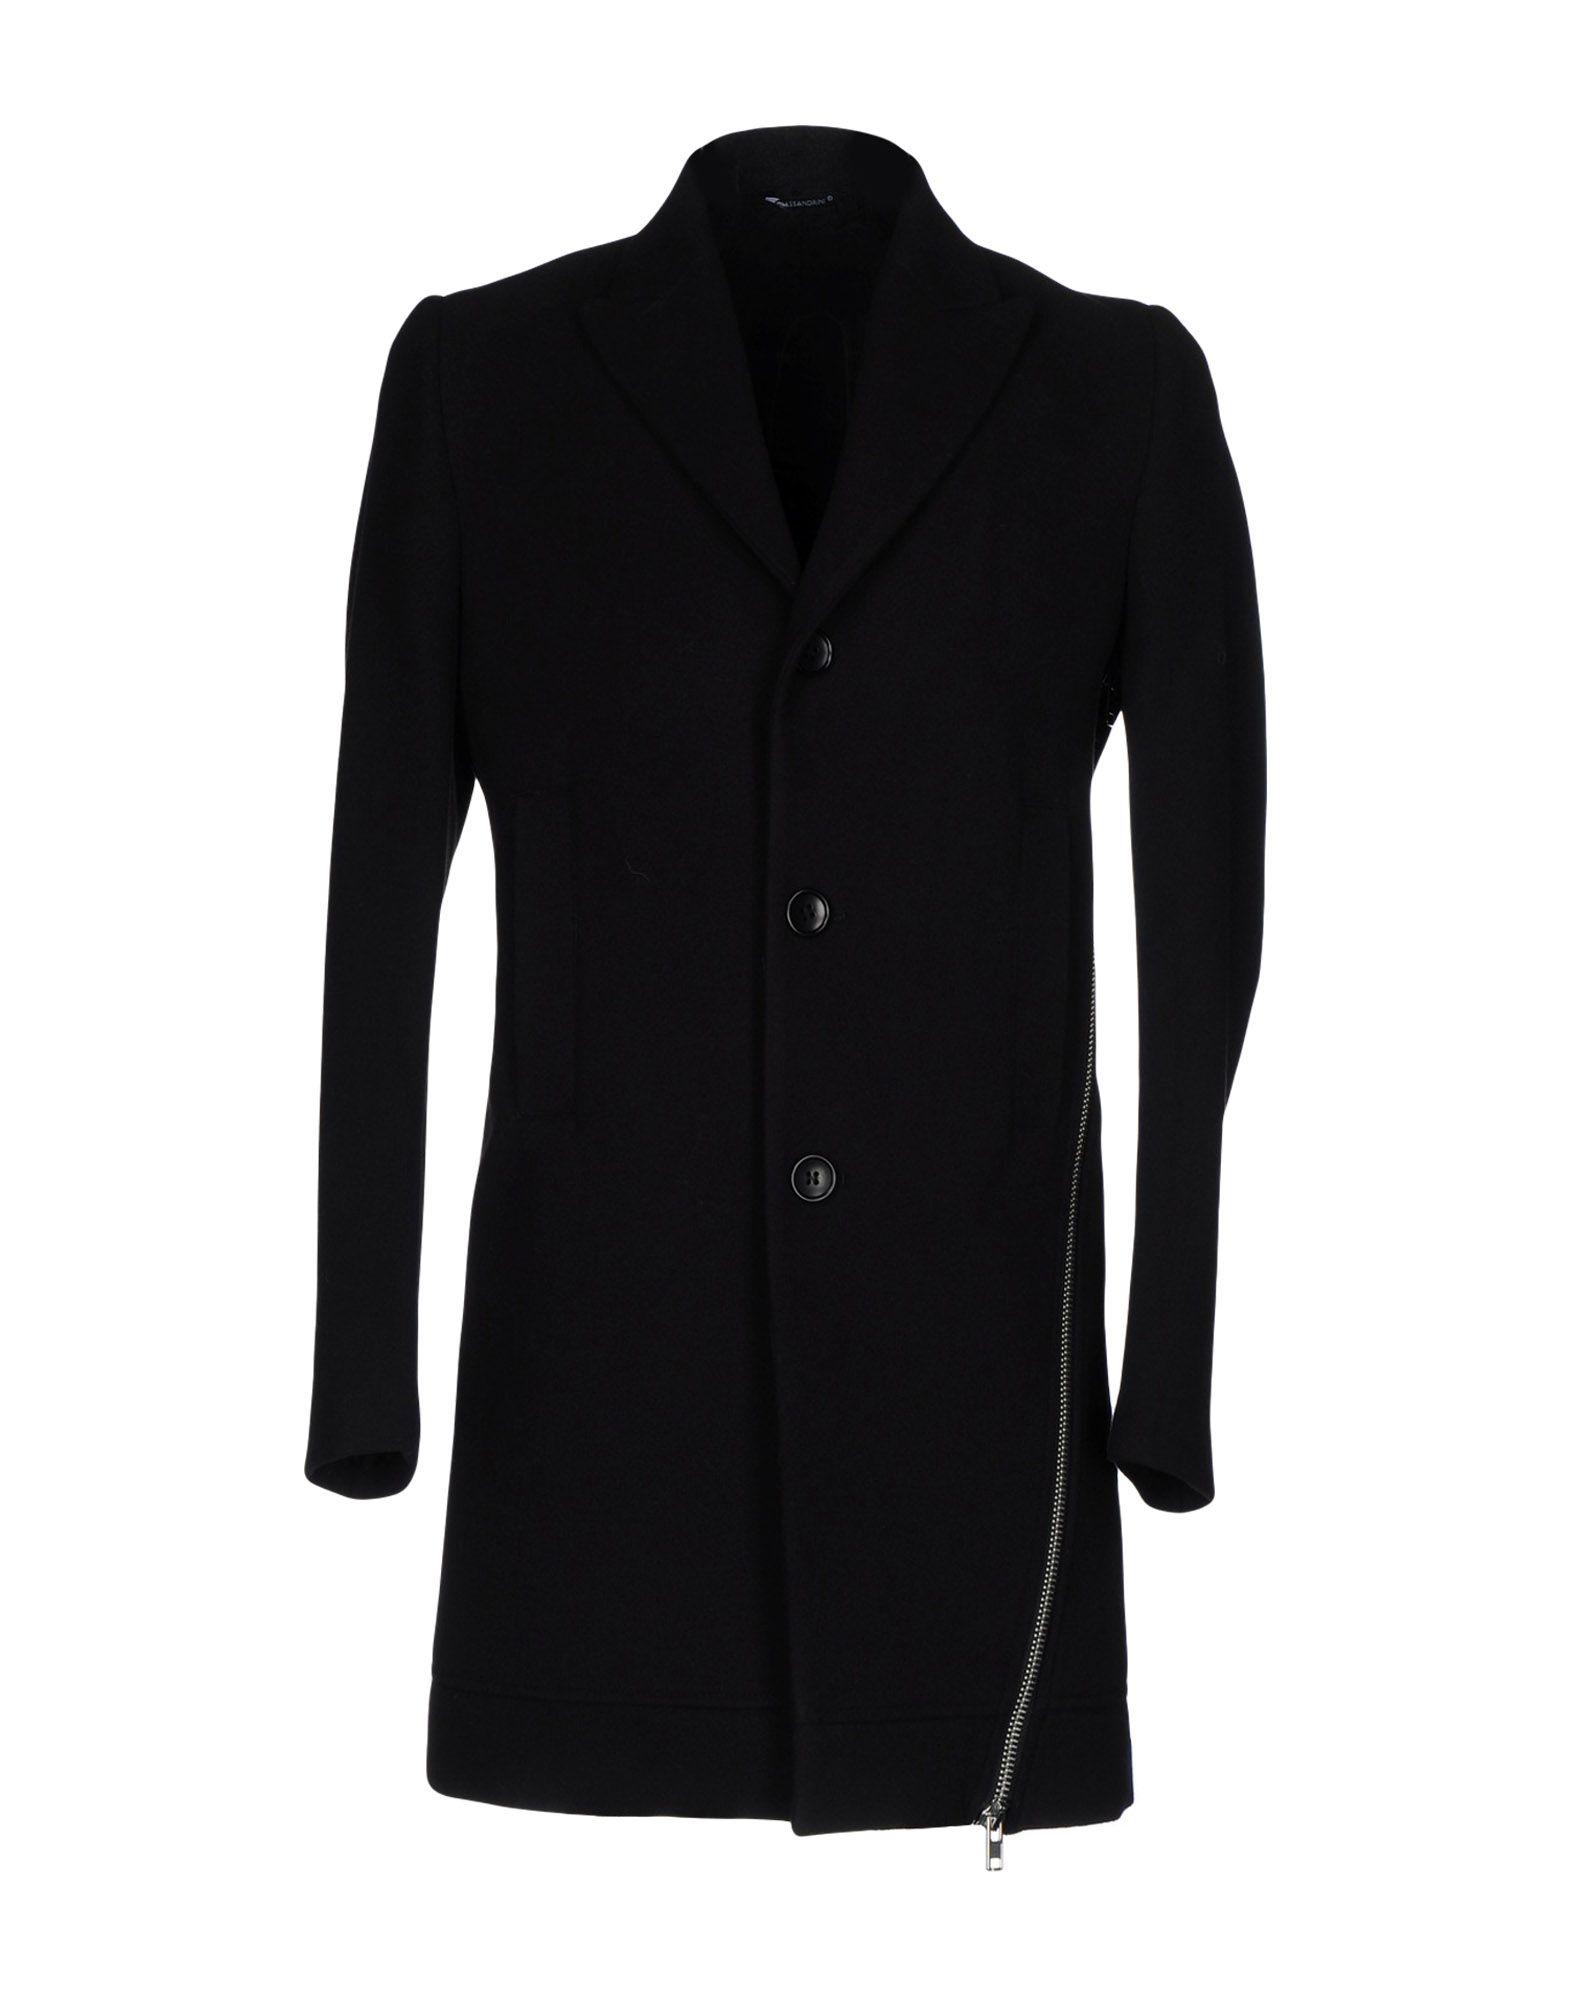 DANIELE ALESSANDRINI Herren Mantel Farbe Schwarz Größe 2